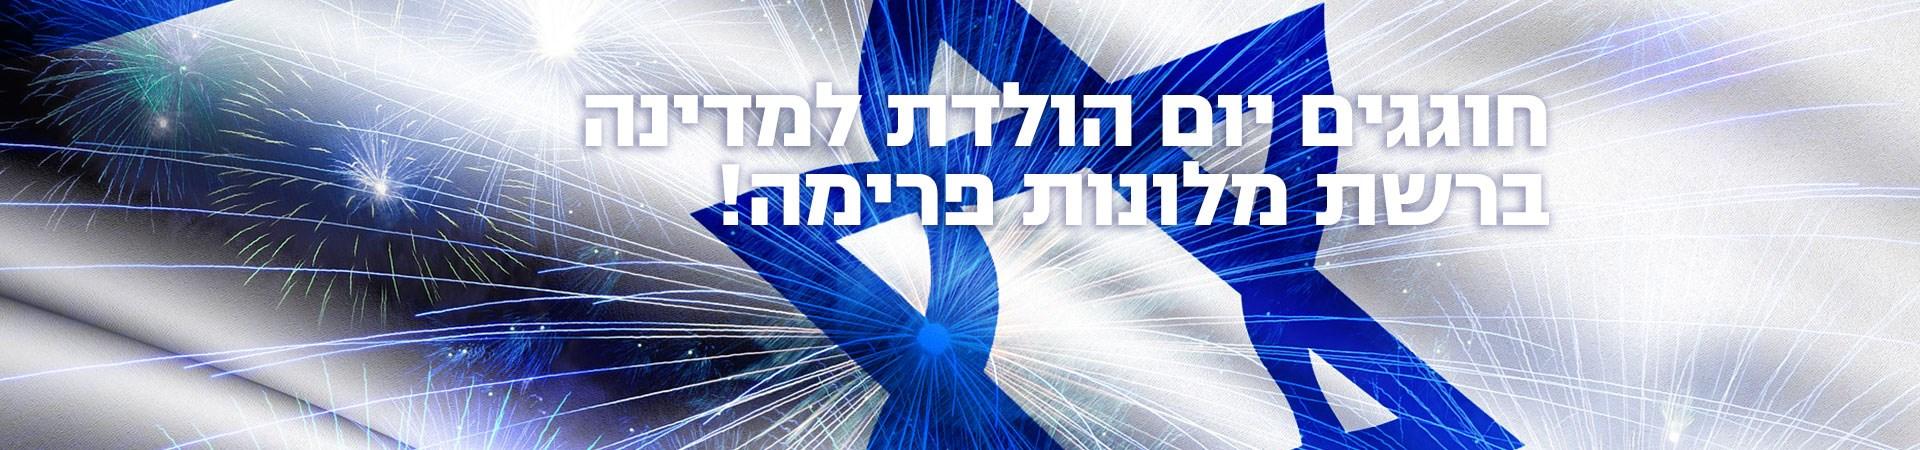 דילים ליום העצמאות